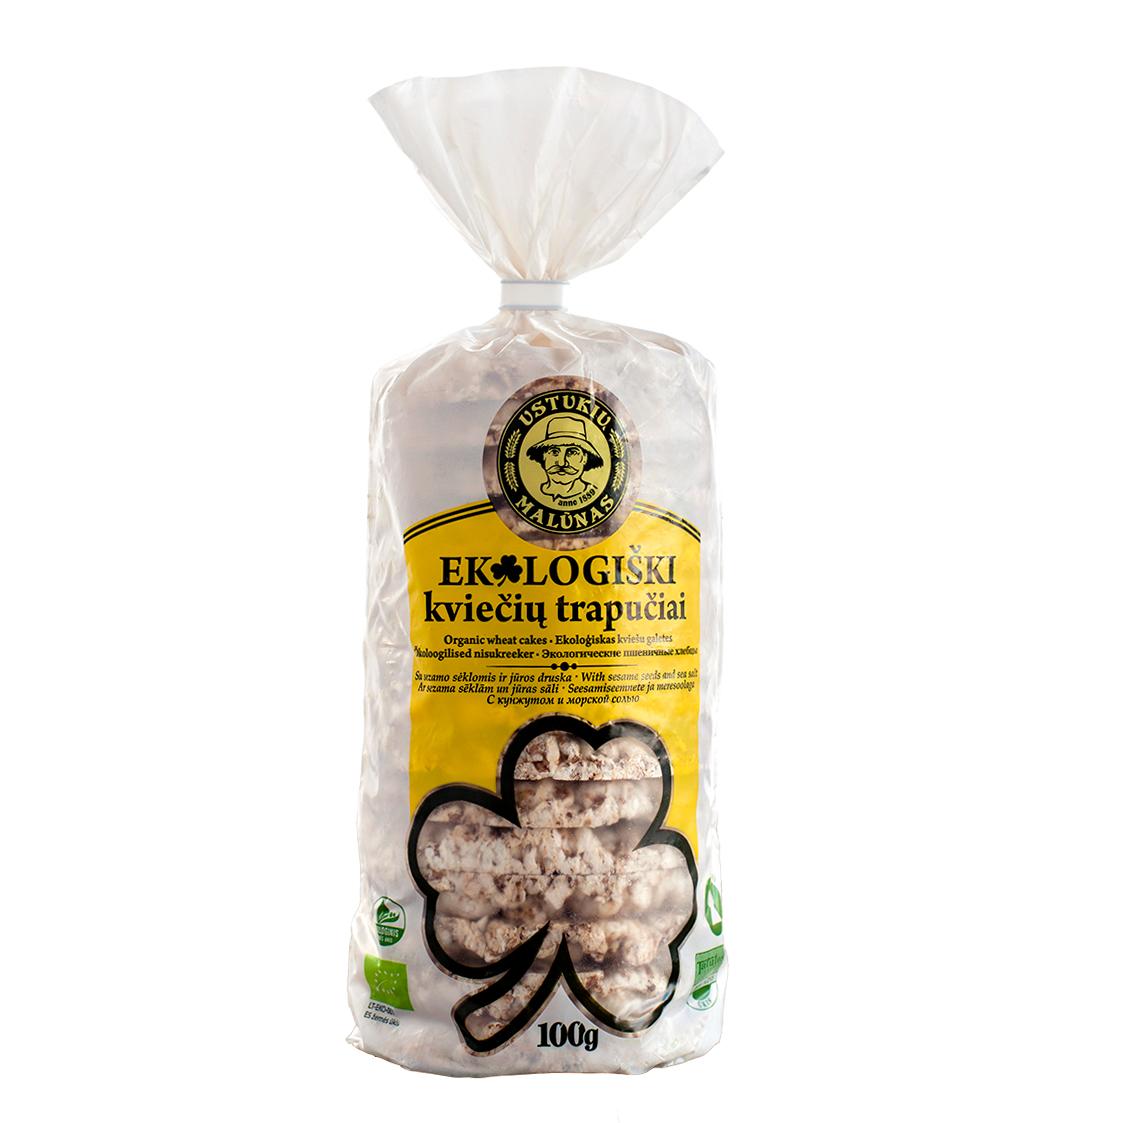 USTUKIŲ MALŪNAS Ekologiški kviečių trapučiai su sezamu ir joduota druska, 100g